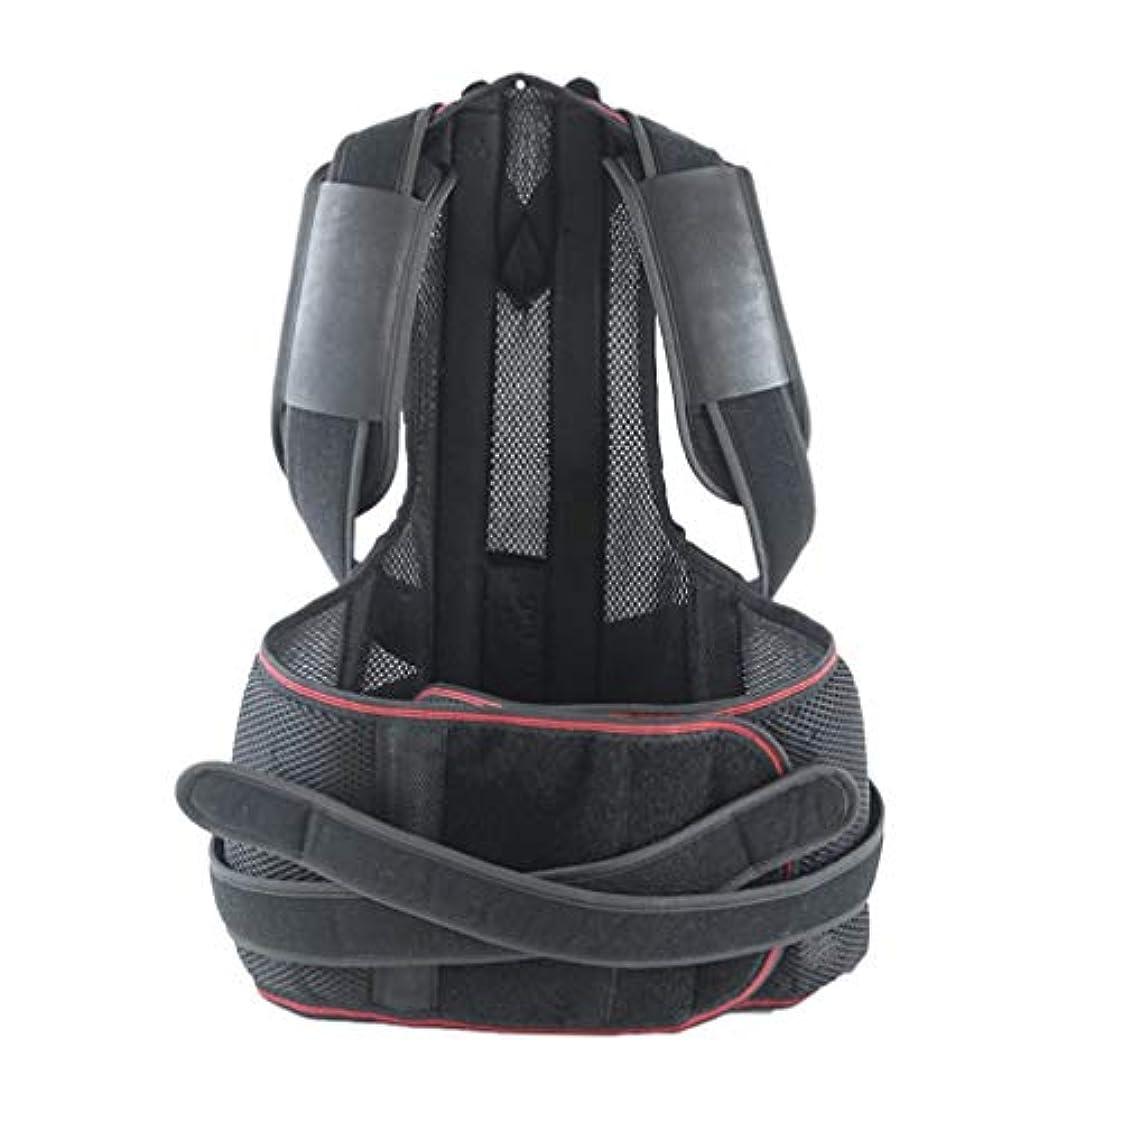 抑圧屈辱する器用軽量の姿勢補正装置の悪い腰部の肩サポート背中の痛みブレース-Rustle666